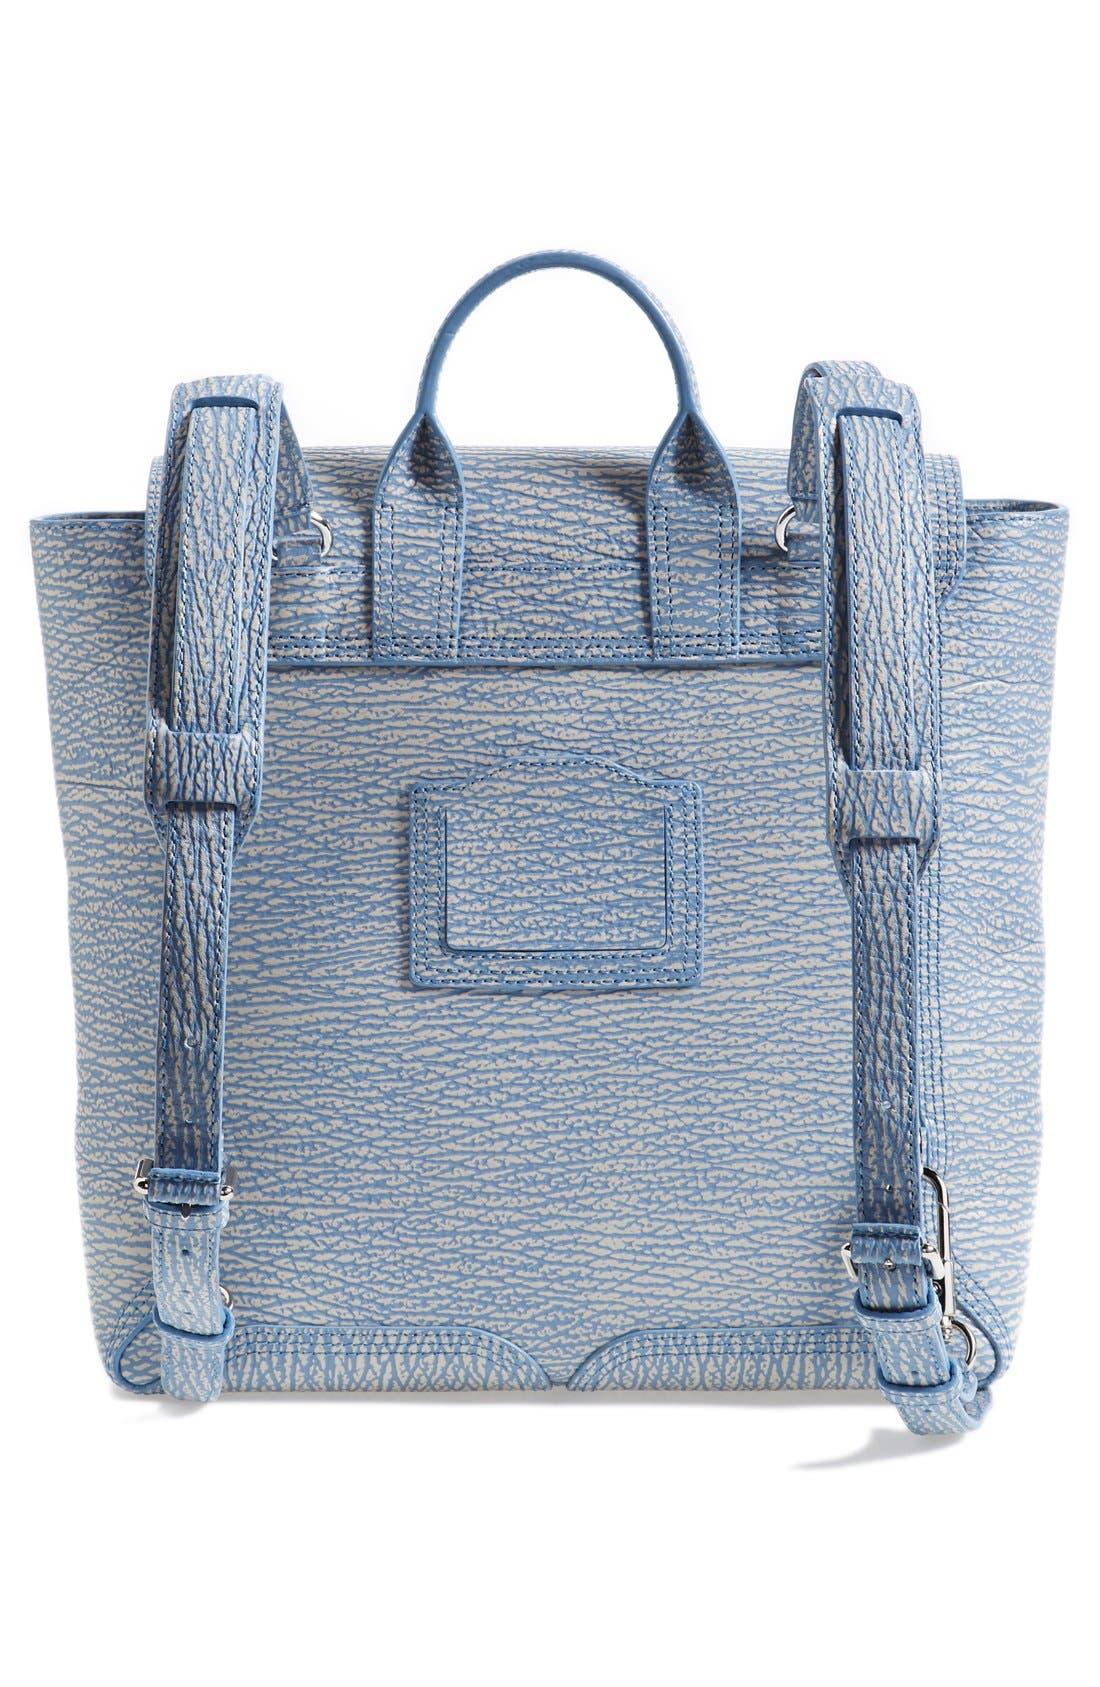 Alternate Image 2  - 3.1 Phillip Lim 'Pashli' Two-Tone Leather Backpack